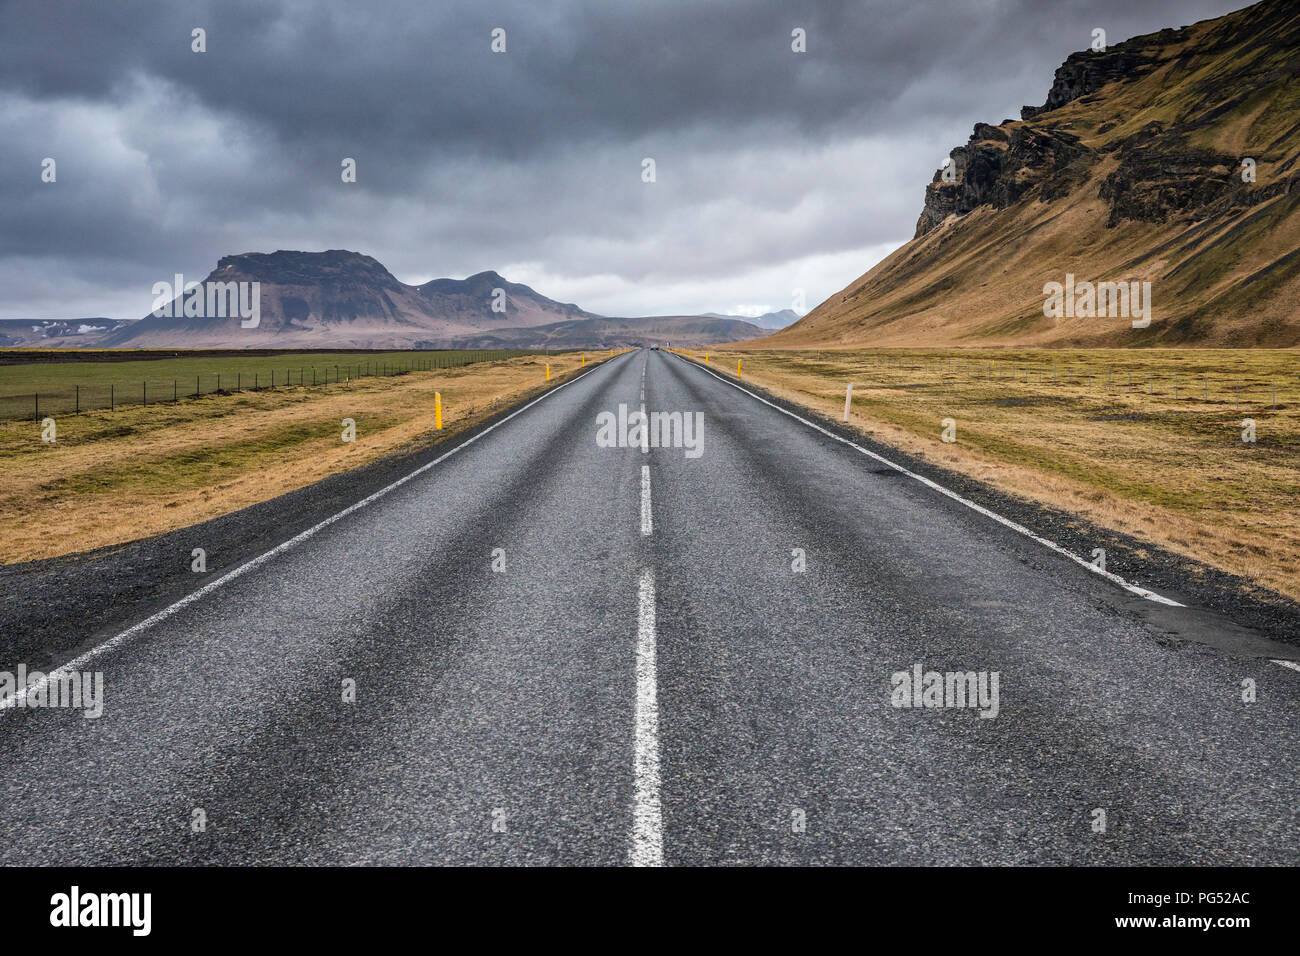 Empty asphalt roar in Iceland - Stock Image